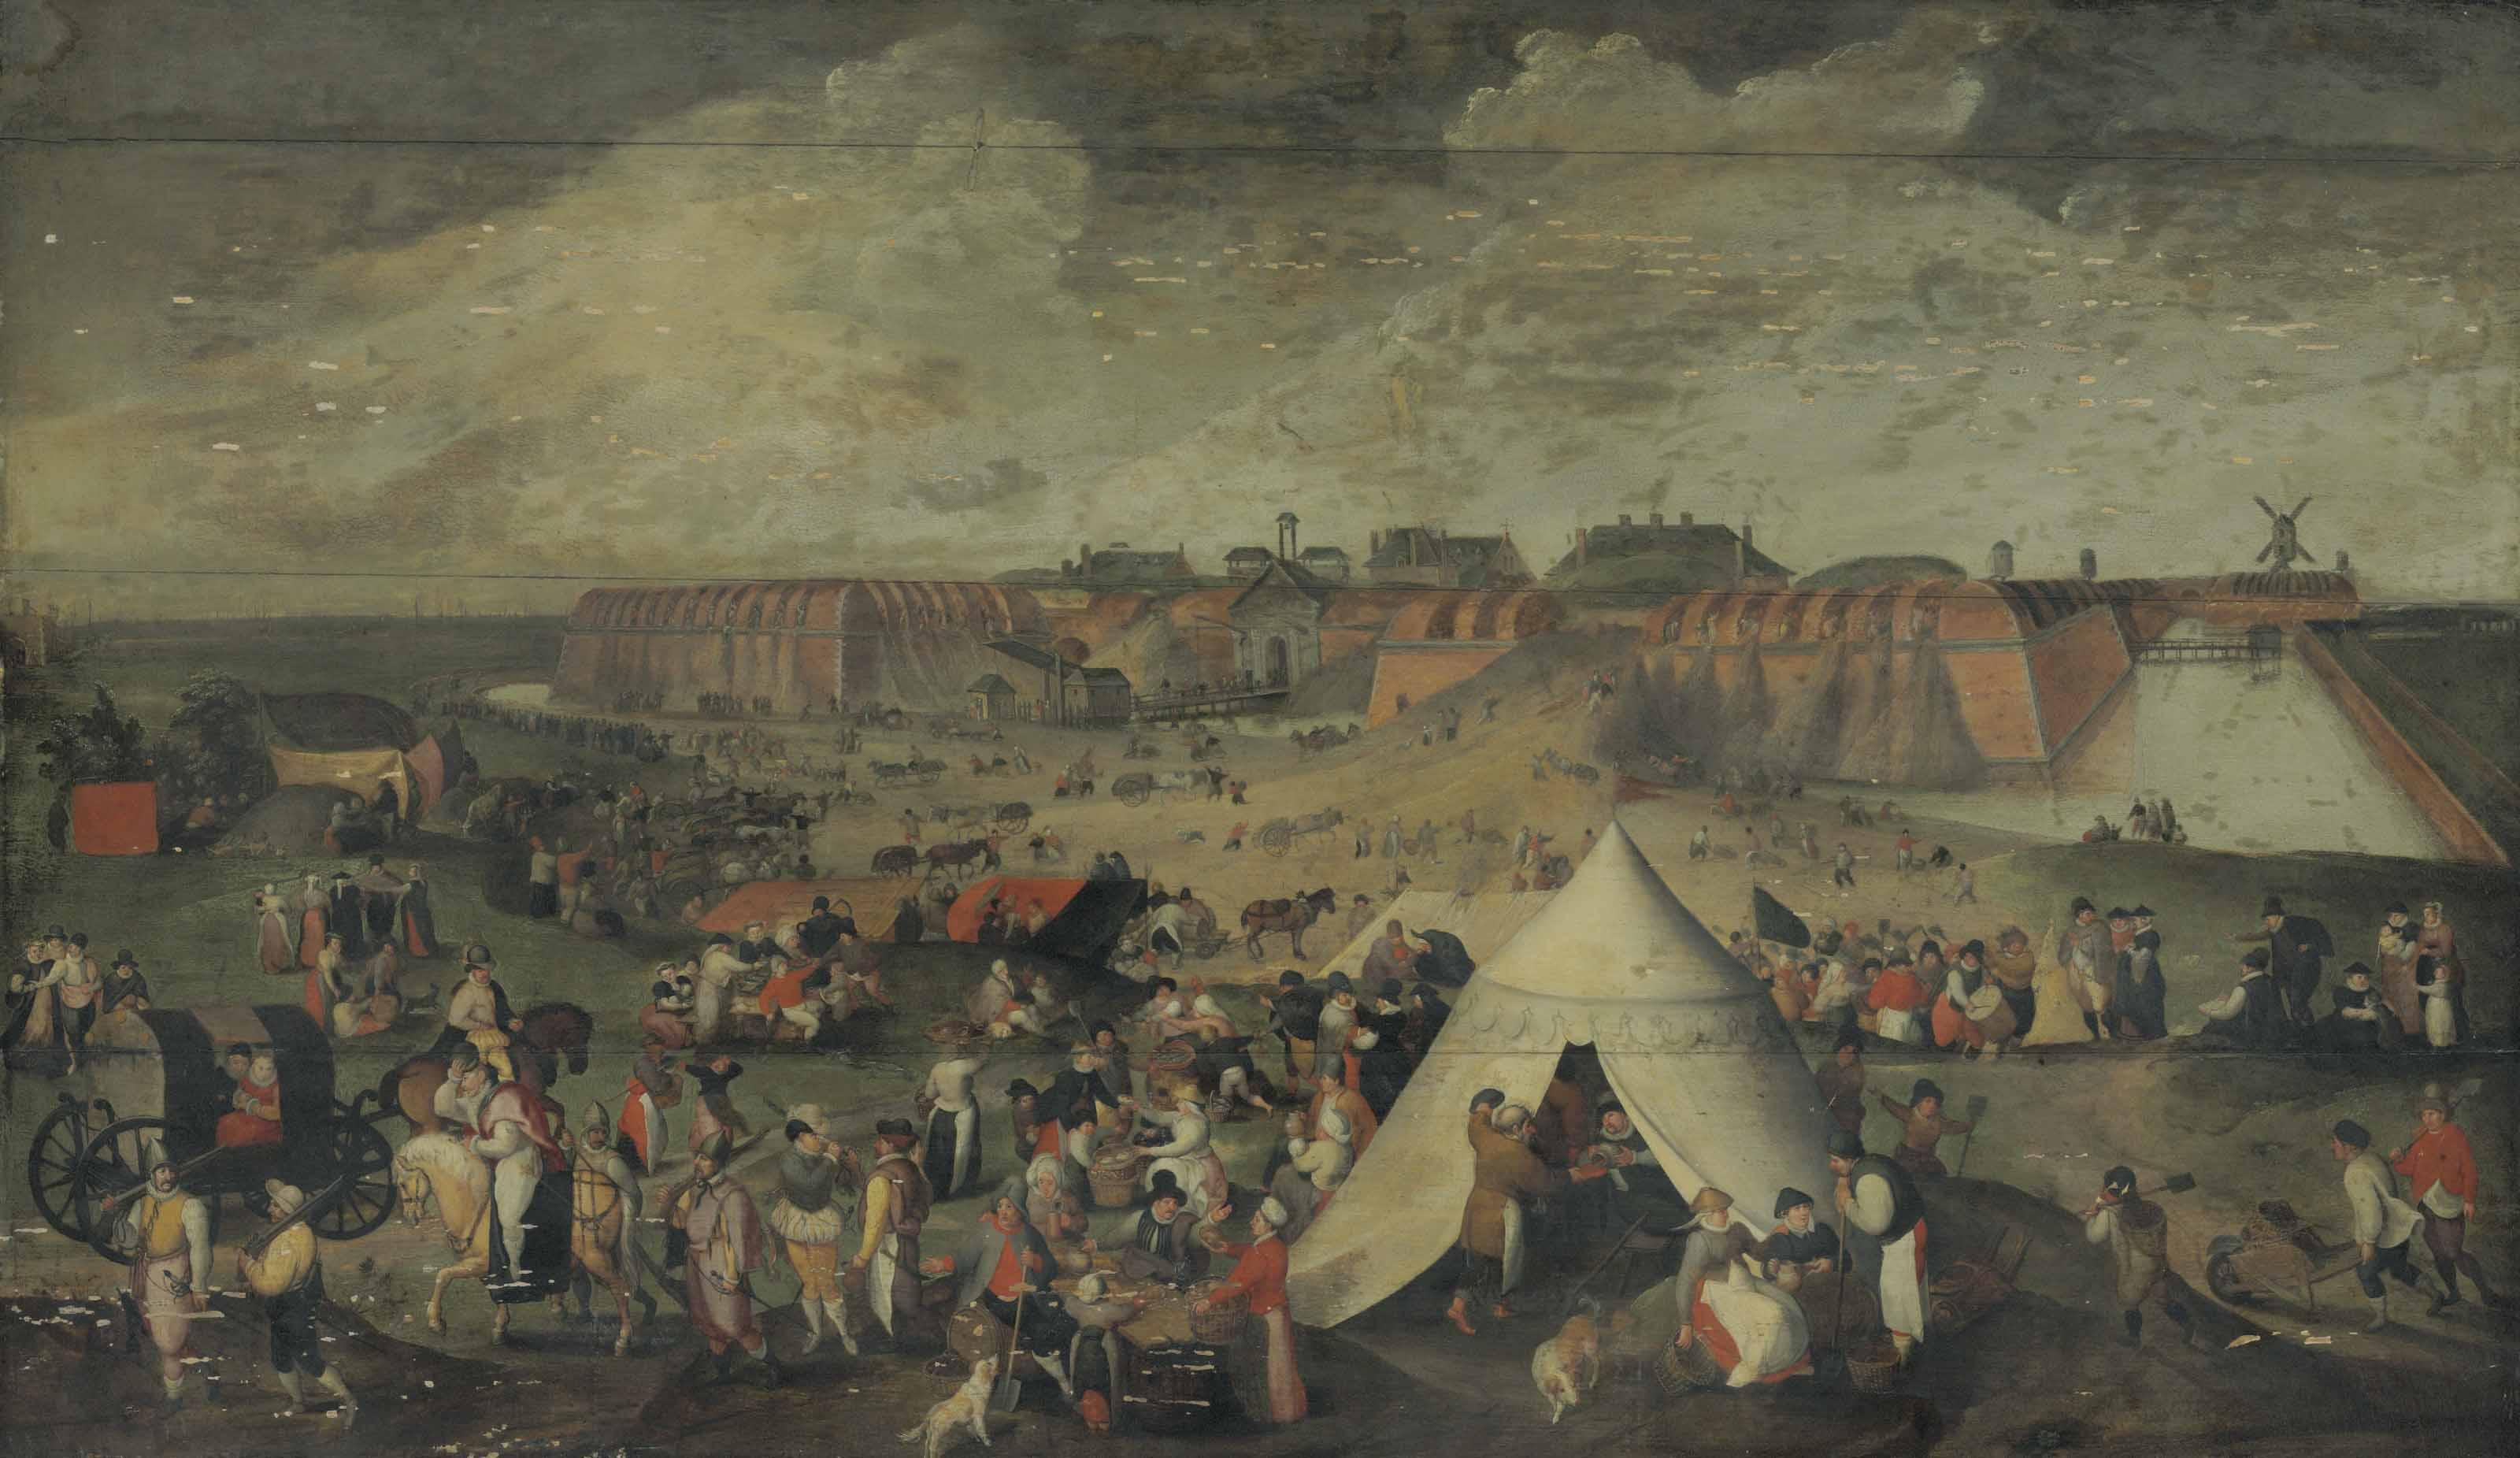 The Demolition of the Citadel of Antwerp